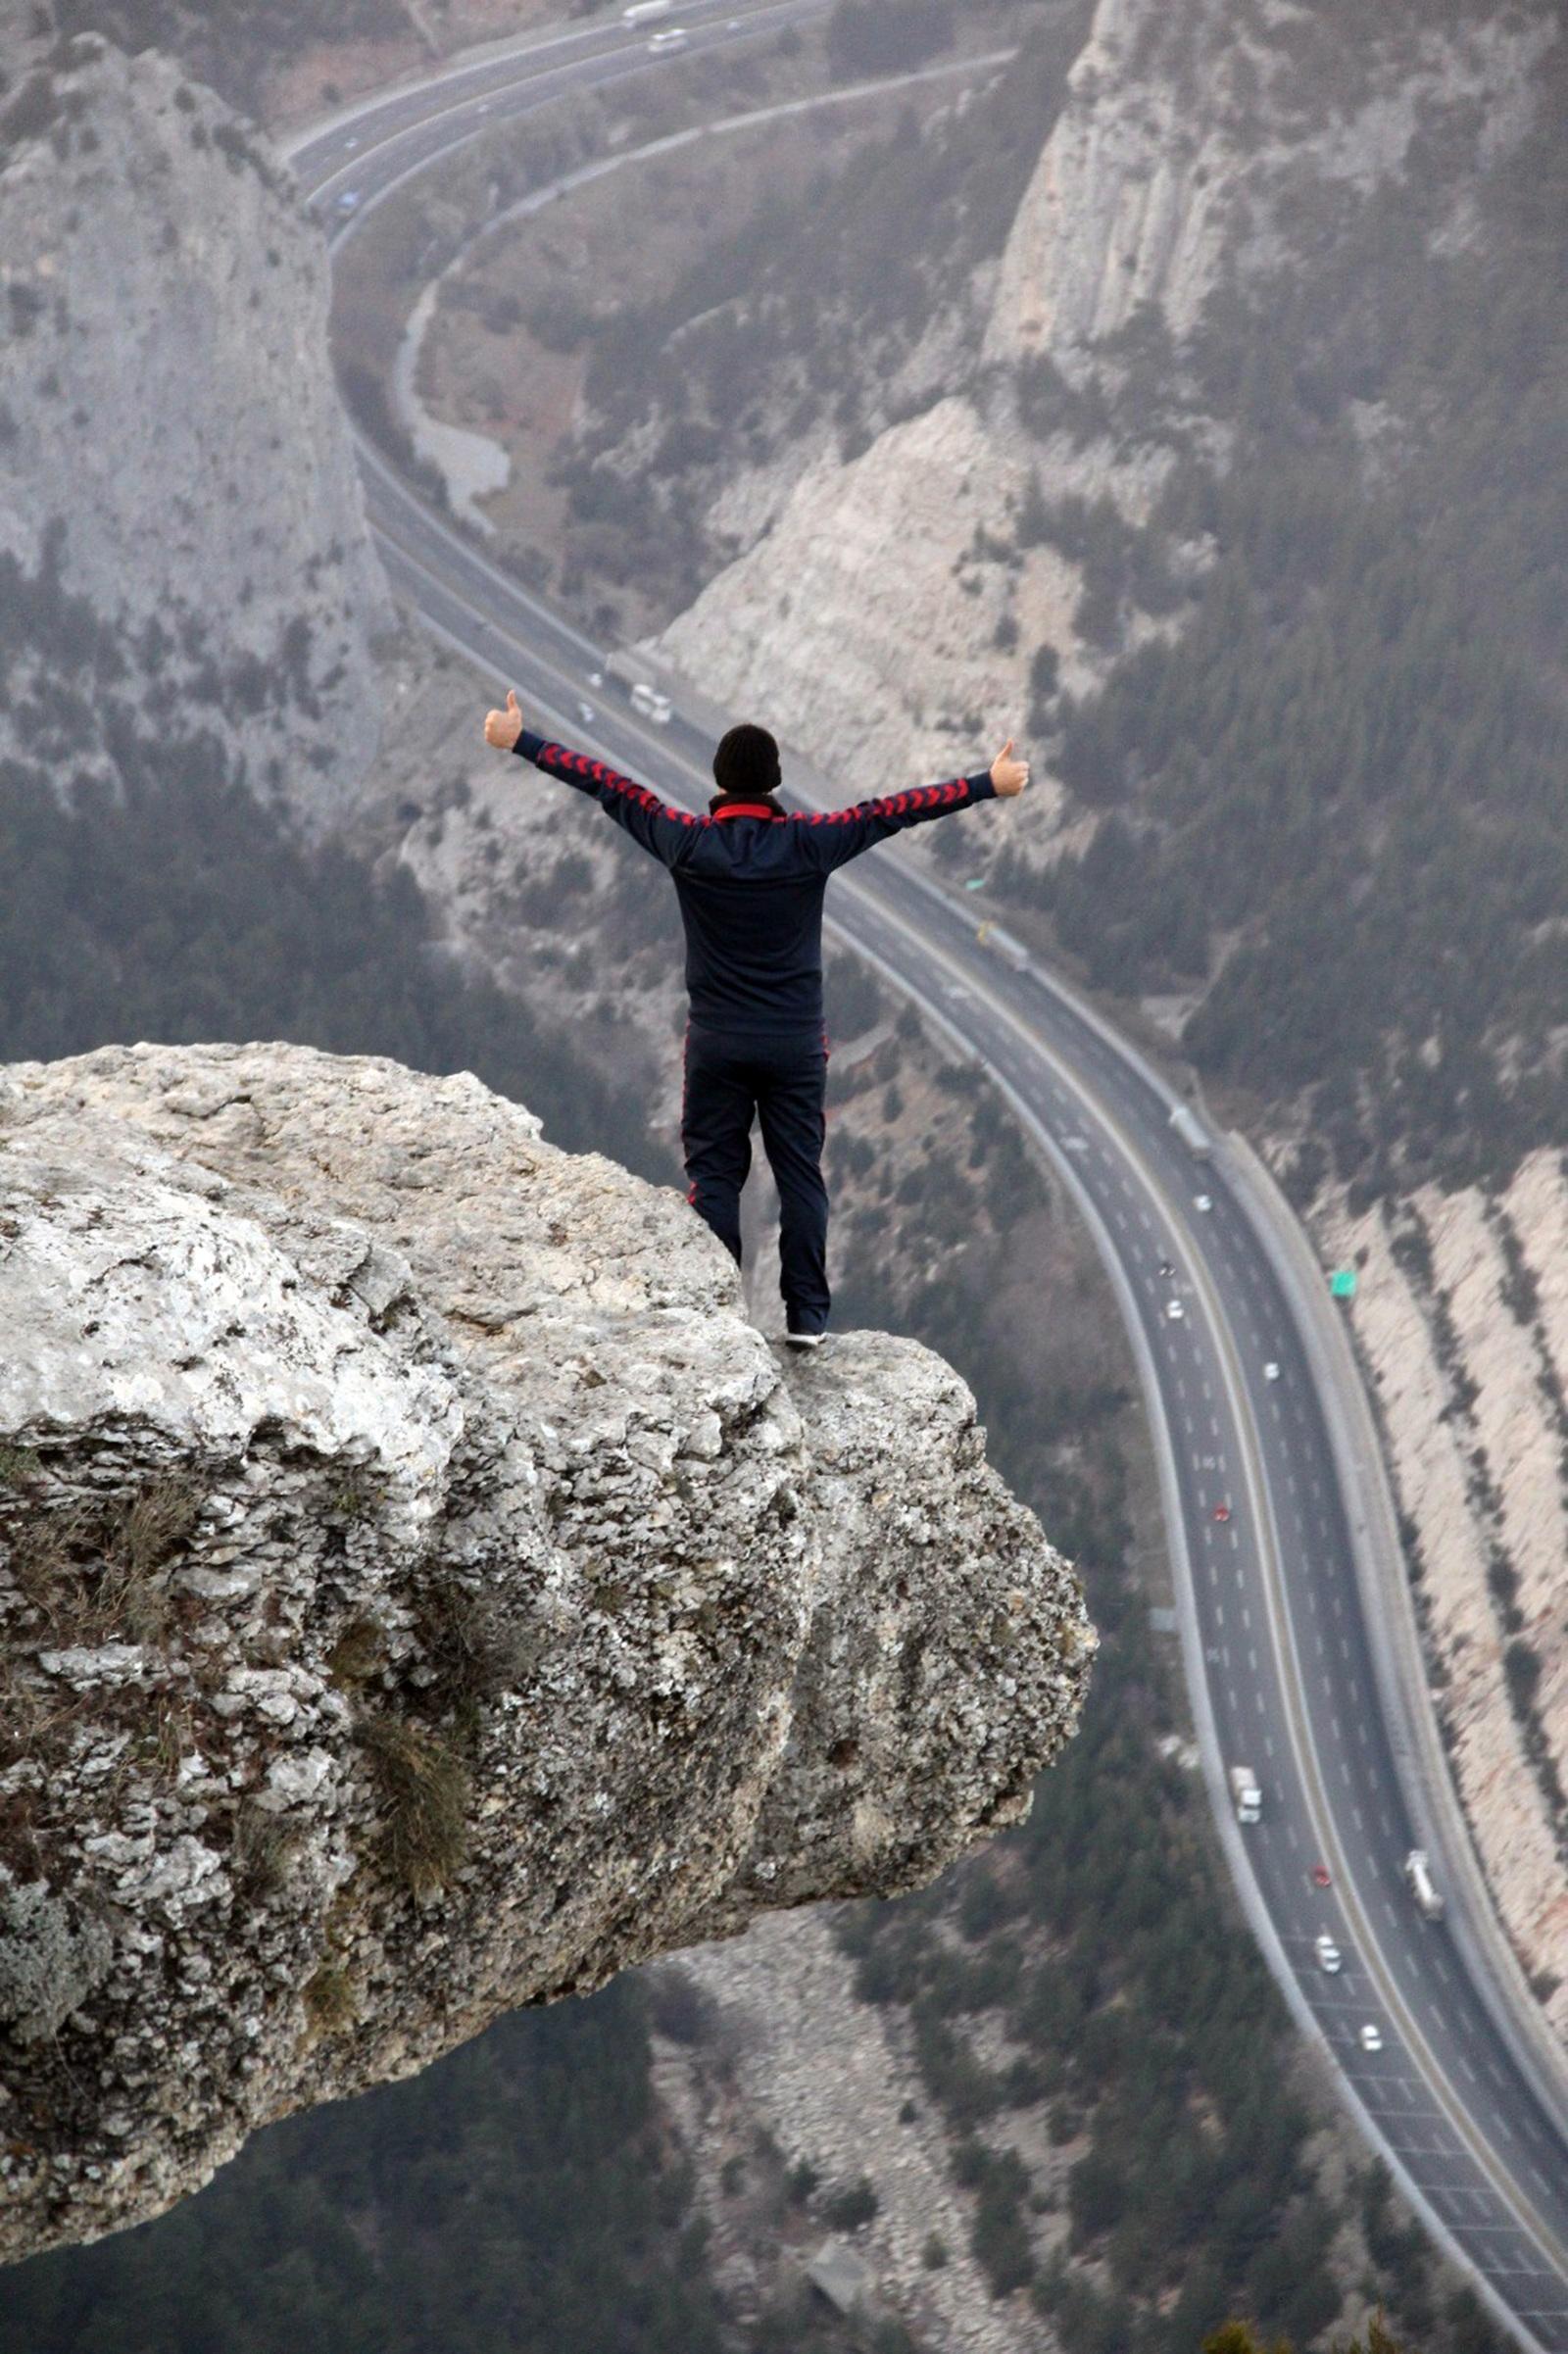 Kostenlose foto : Berg, Schnee, Abenteuer, Springen, Cliff, Freiheit ...